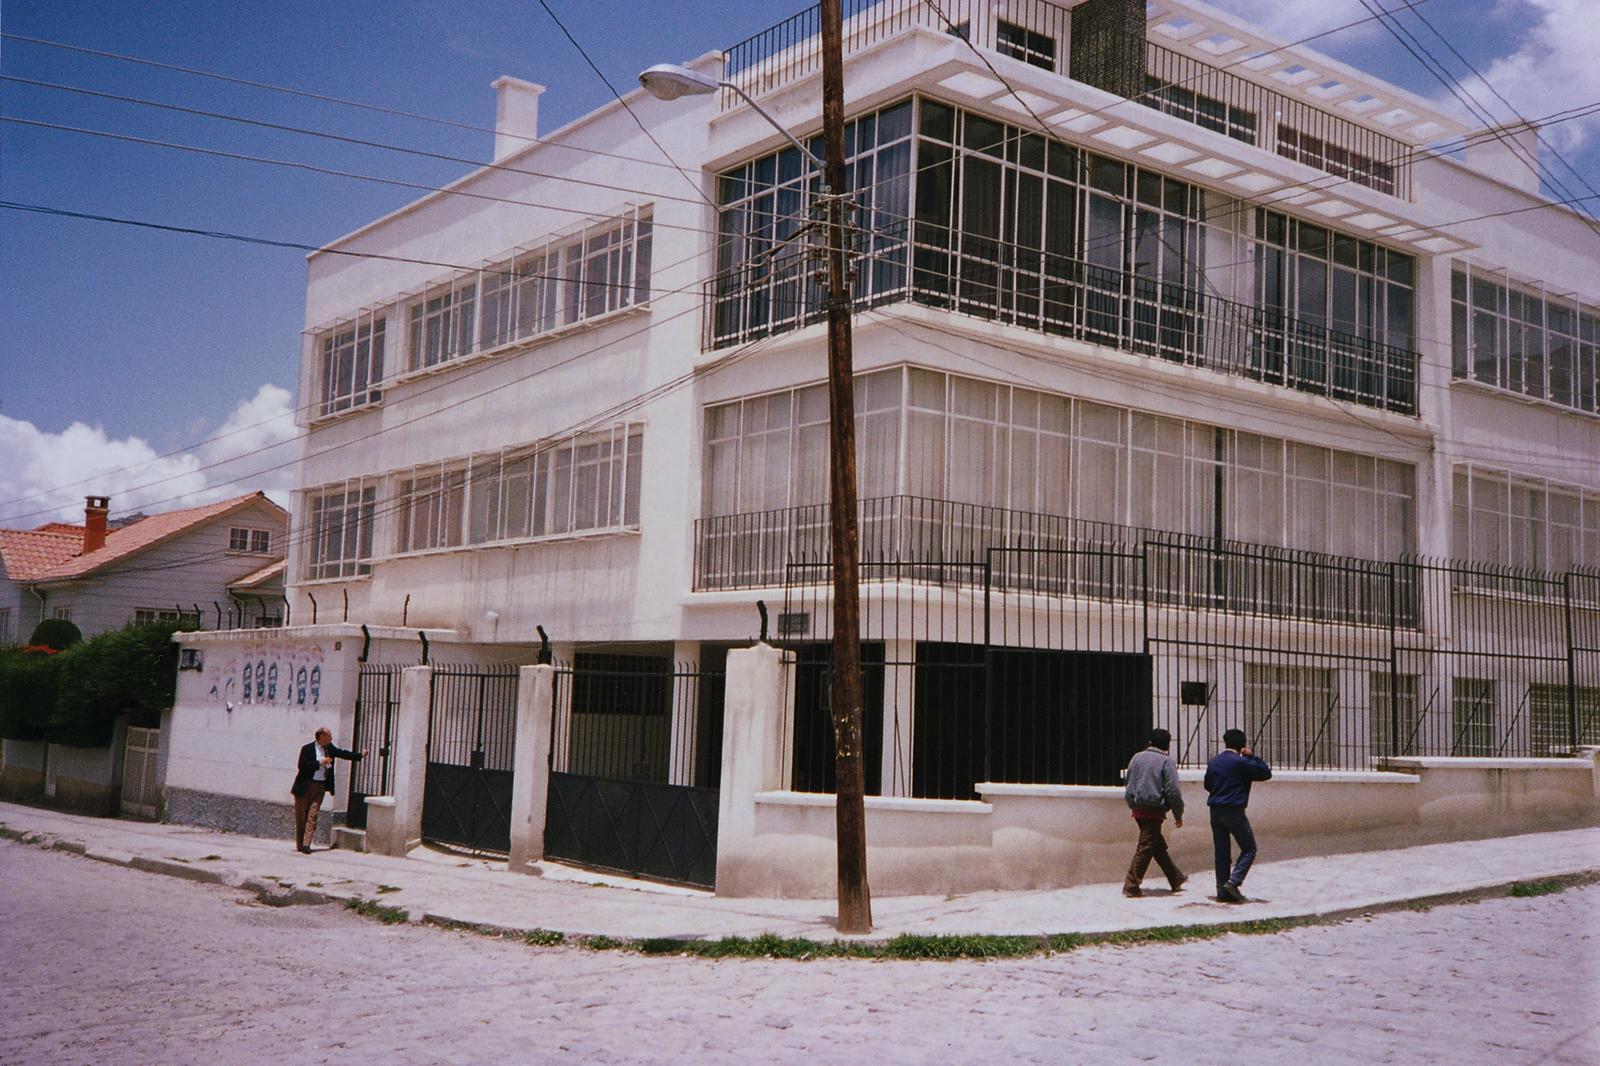 La Paz - Multi-Unit Residential Building - 1992